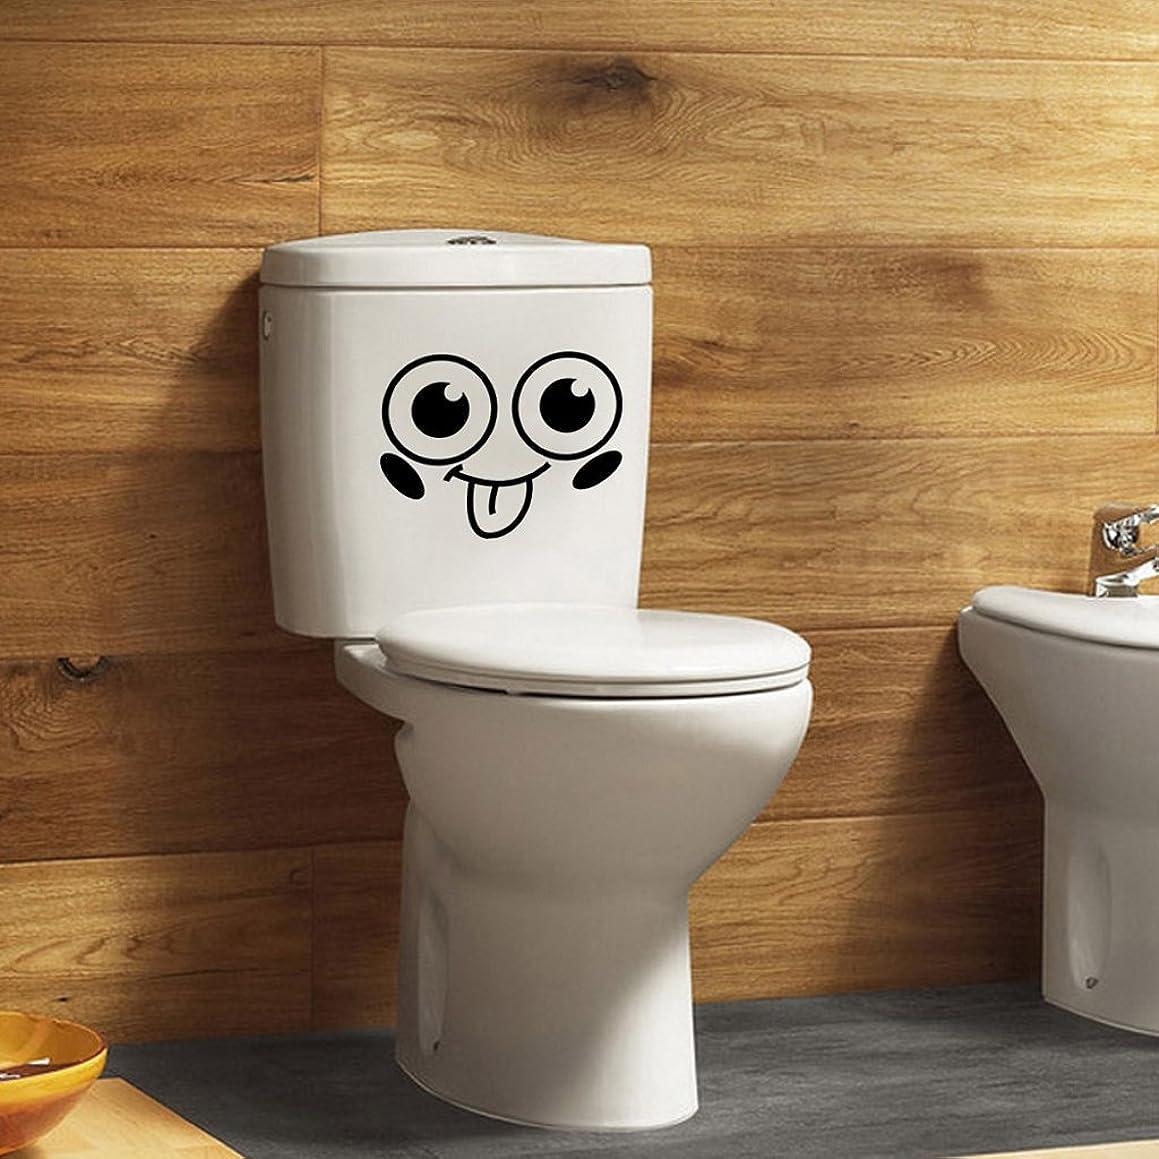 ぼかしアンドリューハリディかまどBaoblaze トイレ タンク 便器用 リムーバブル デコシール スマイルフェイス柄